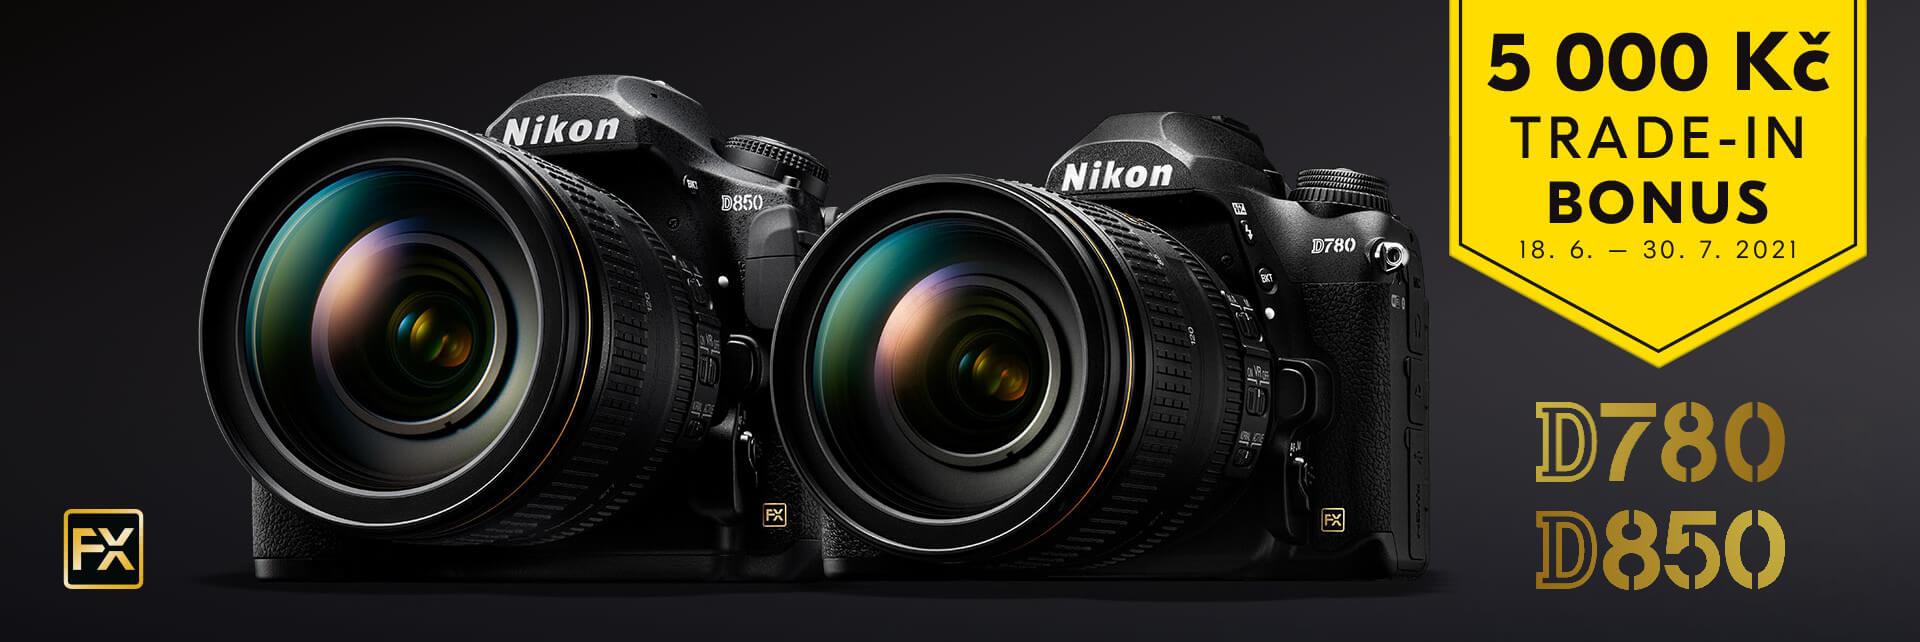 Když padá cena… Špičkové DSLR Nikonu levněji